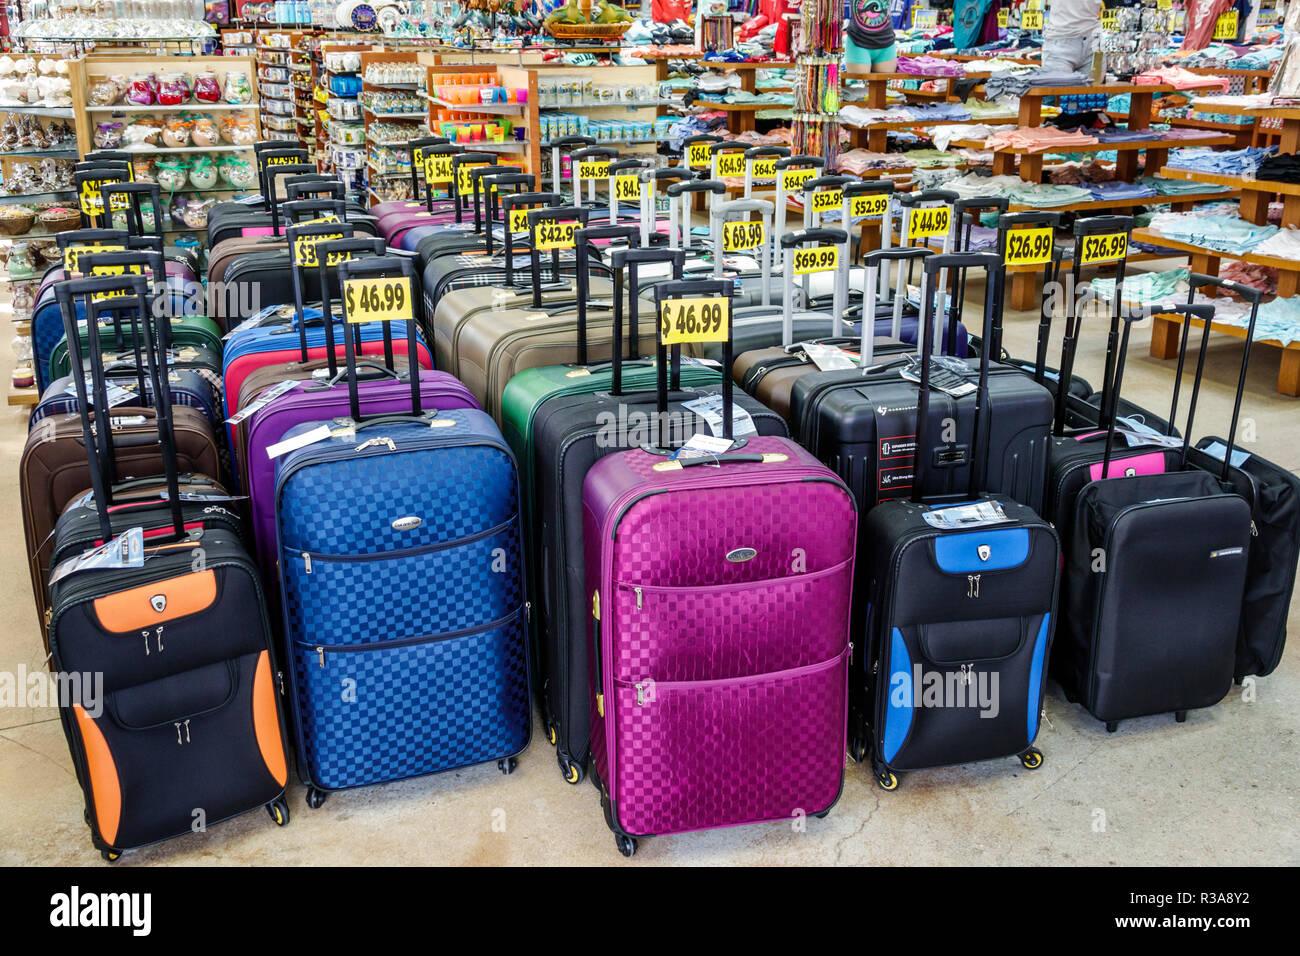 3b383e3d4 Miami Beach Florida business mostrar venta carrito de equipaje maletas ·  RosaIreneBetancourt 12 / Alamy Foto de stock